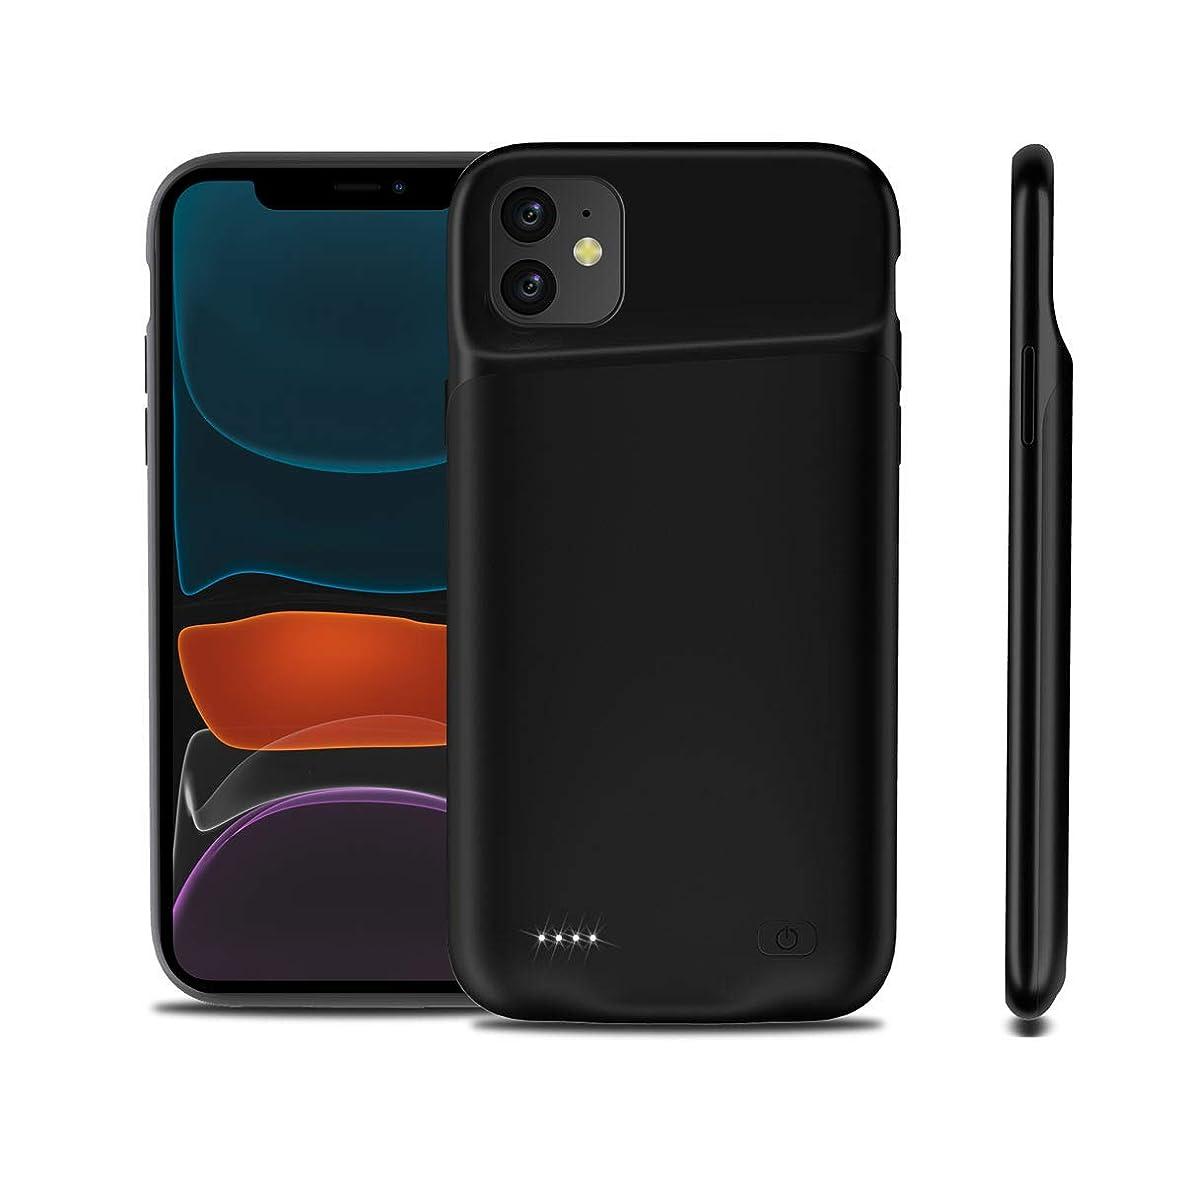 ナンセンス整然とした熱狂的なWarebaバッテリー内蔵ケース 大容量 iPhone 11 6.1 Inch 6000mAh専用 バッテリーケース 軽量 超薄 急速充電 超便利 耐衝撃 ケース型バッテリー 携帯充電器 モバイルバッテリー容量追加battery case